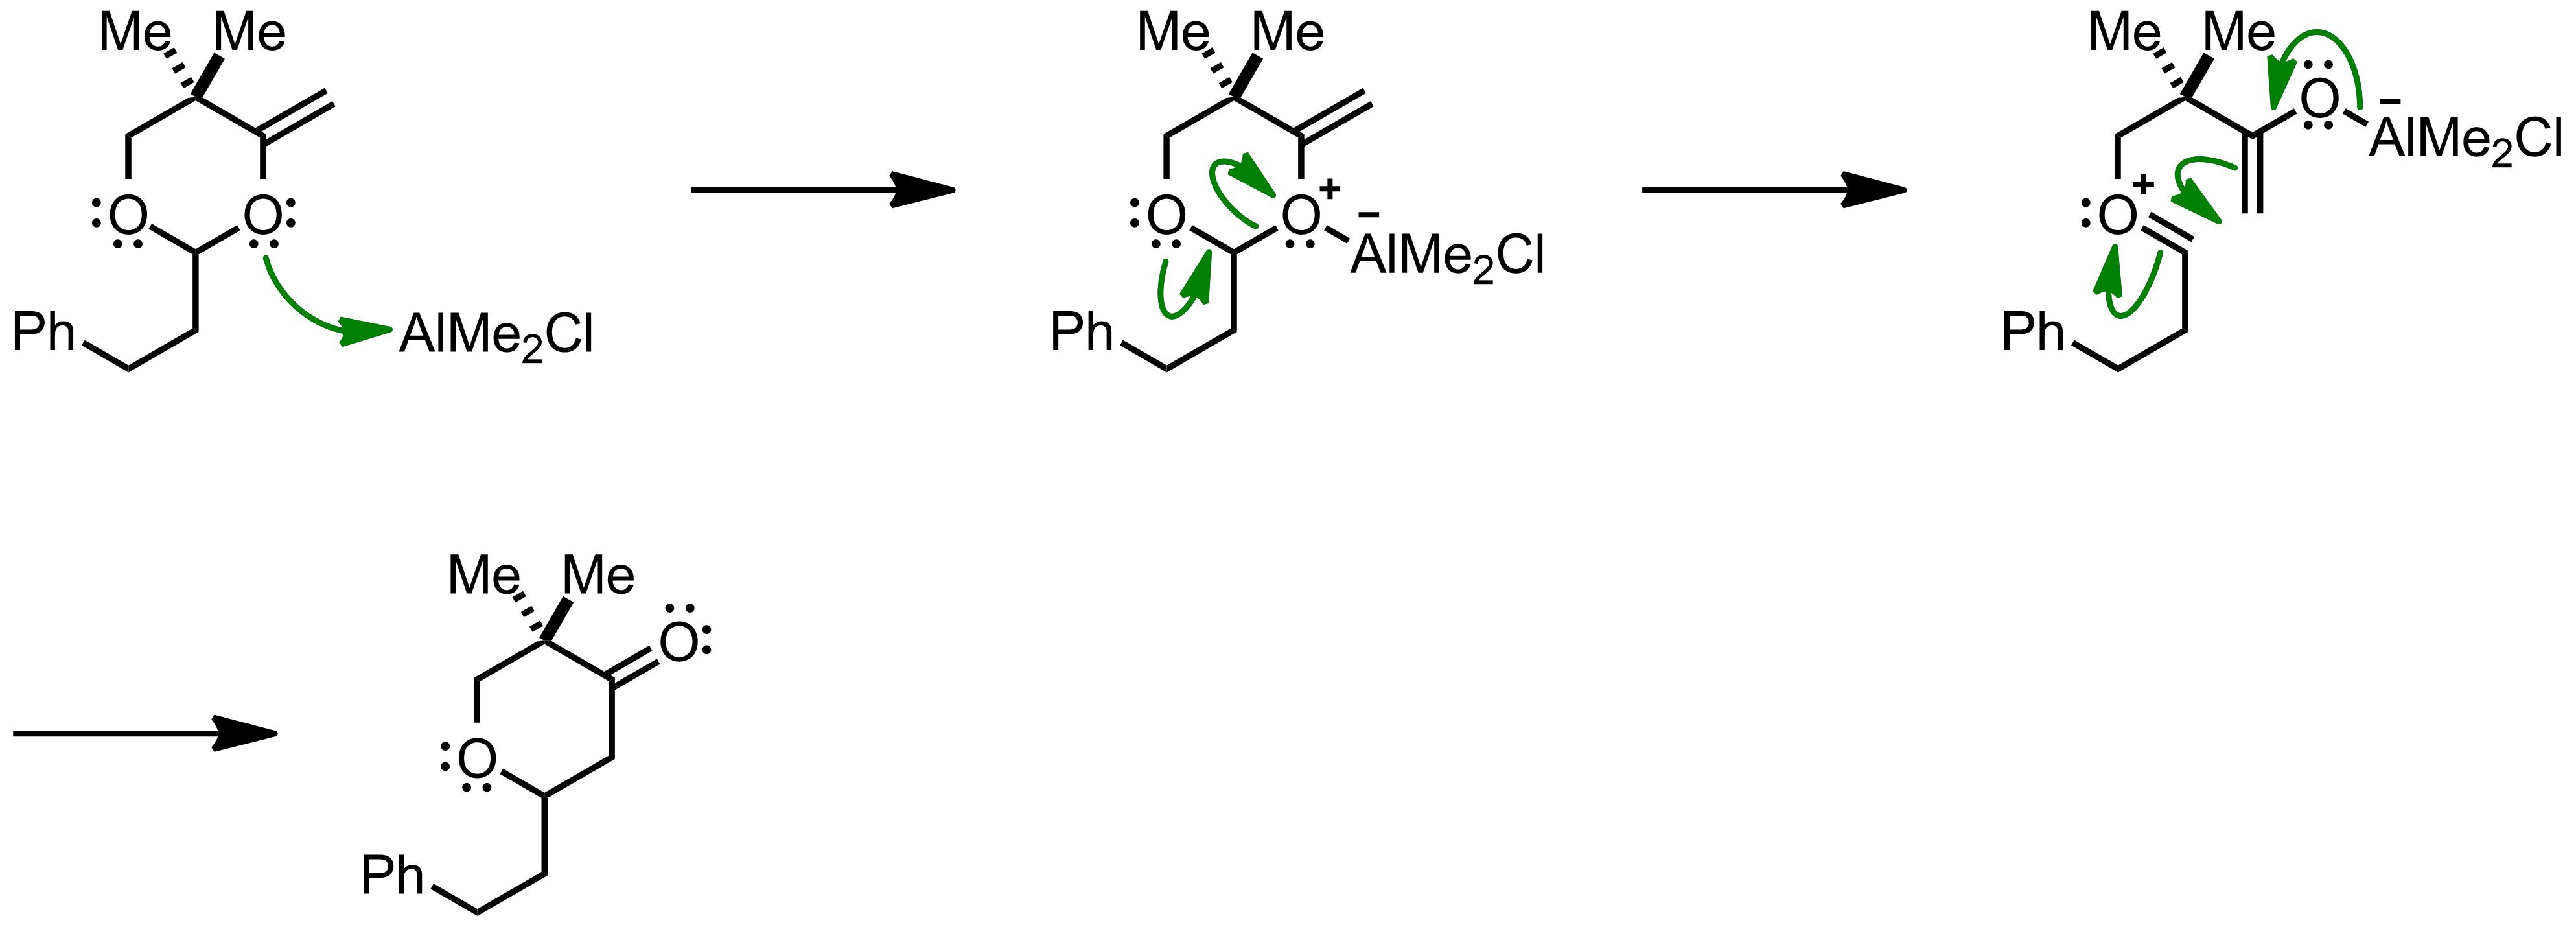 Mechanism of the Petasis-Ferrier Rearrangement